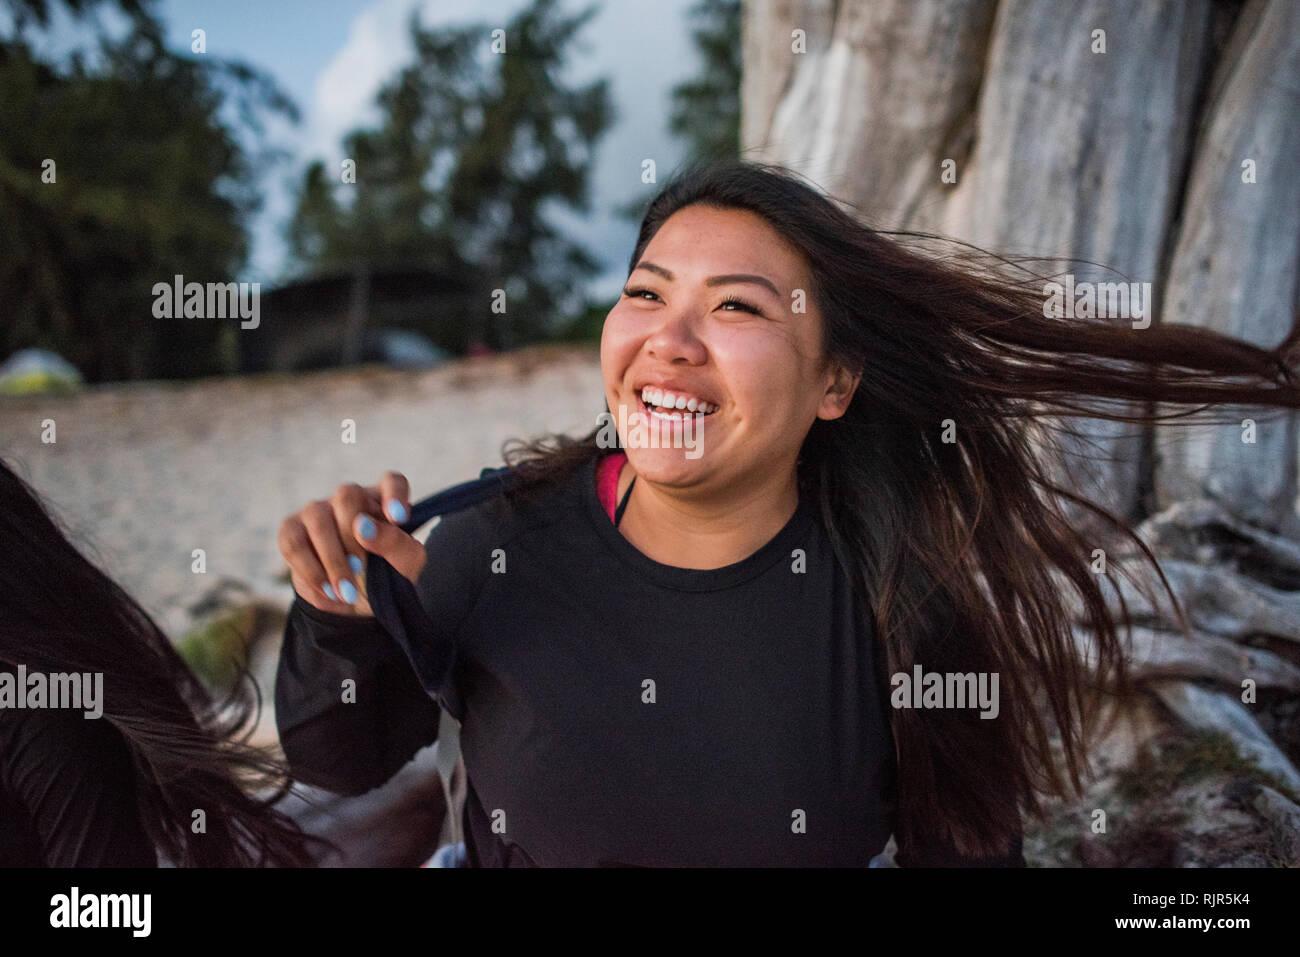 Woman swinging hair, Kailua Beach, Oahu, Hawaii - Stock Image